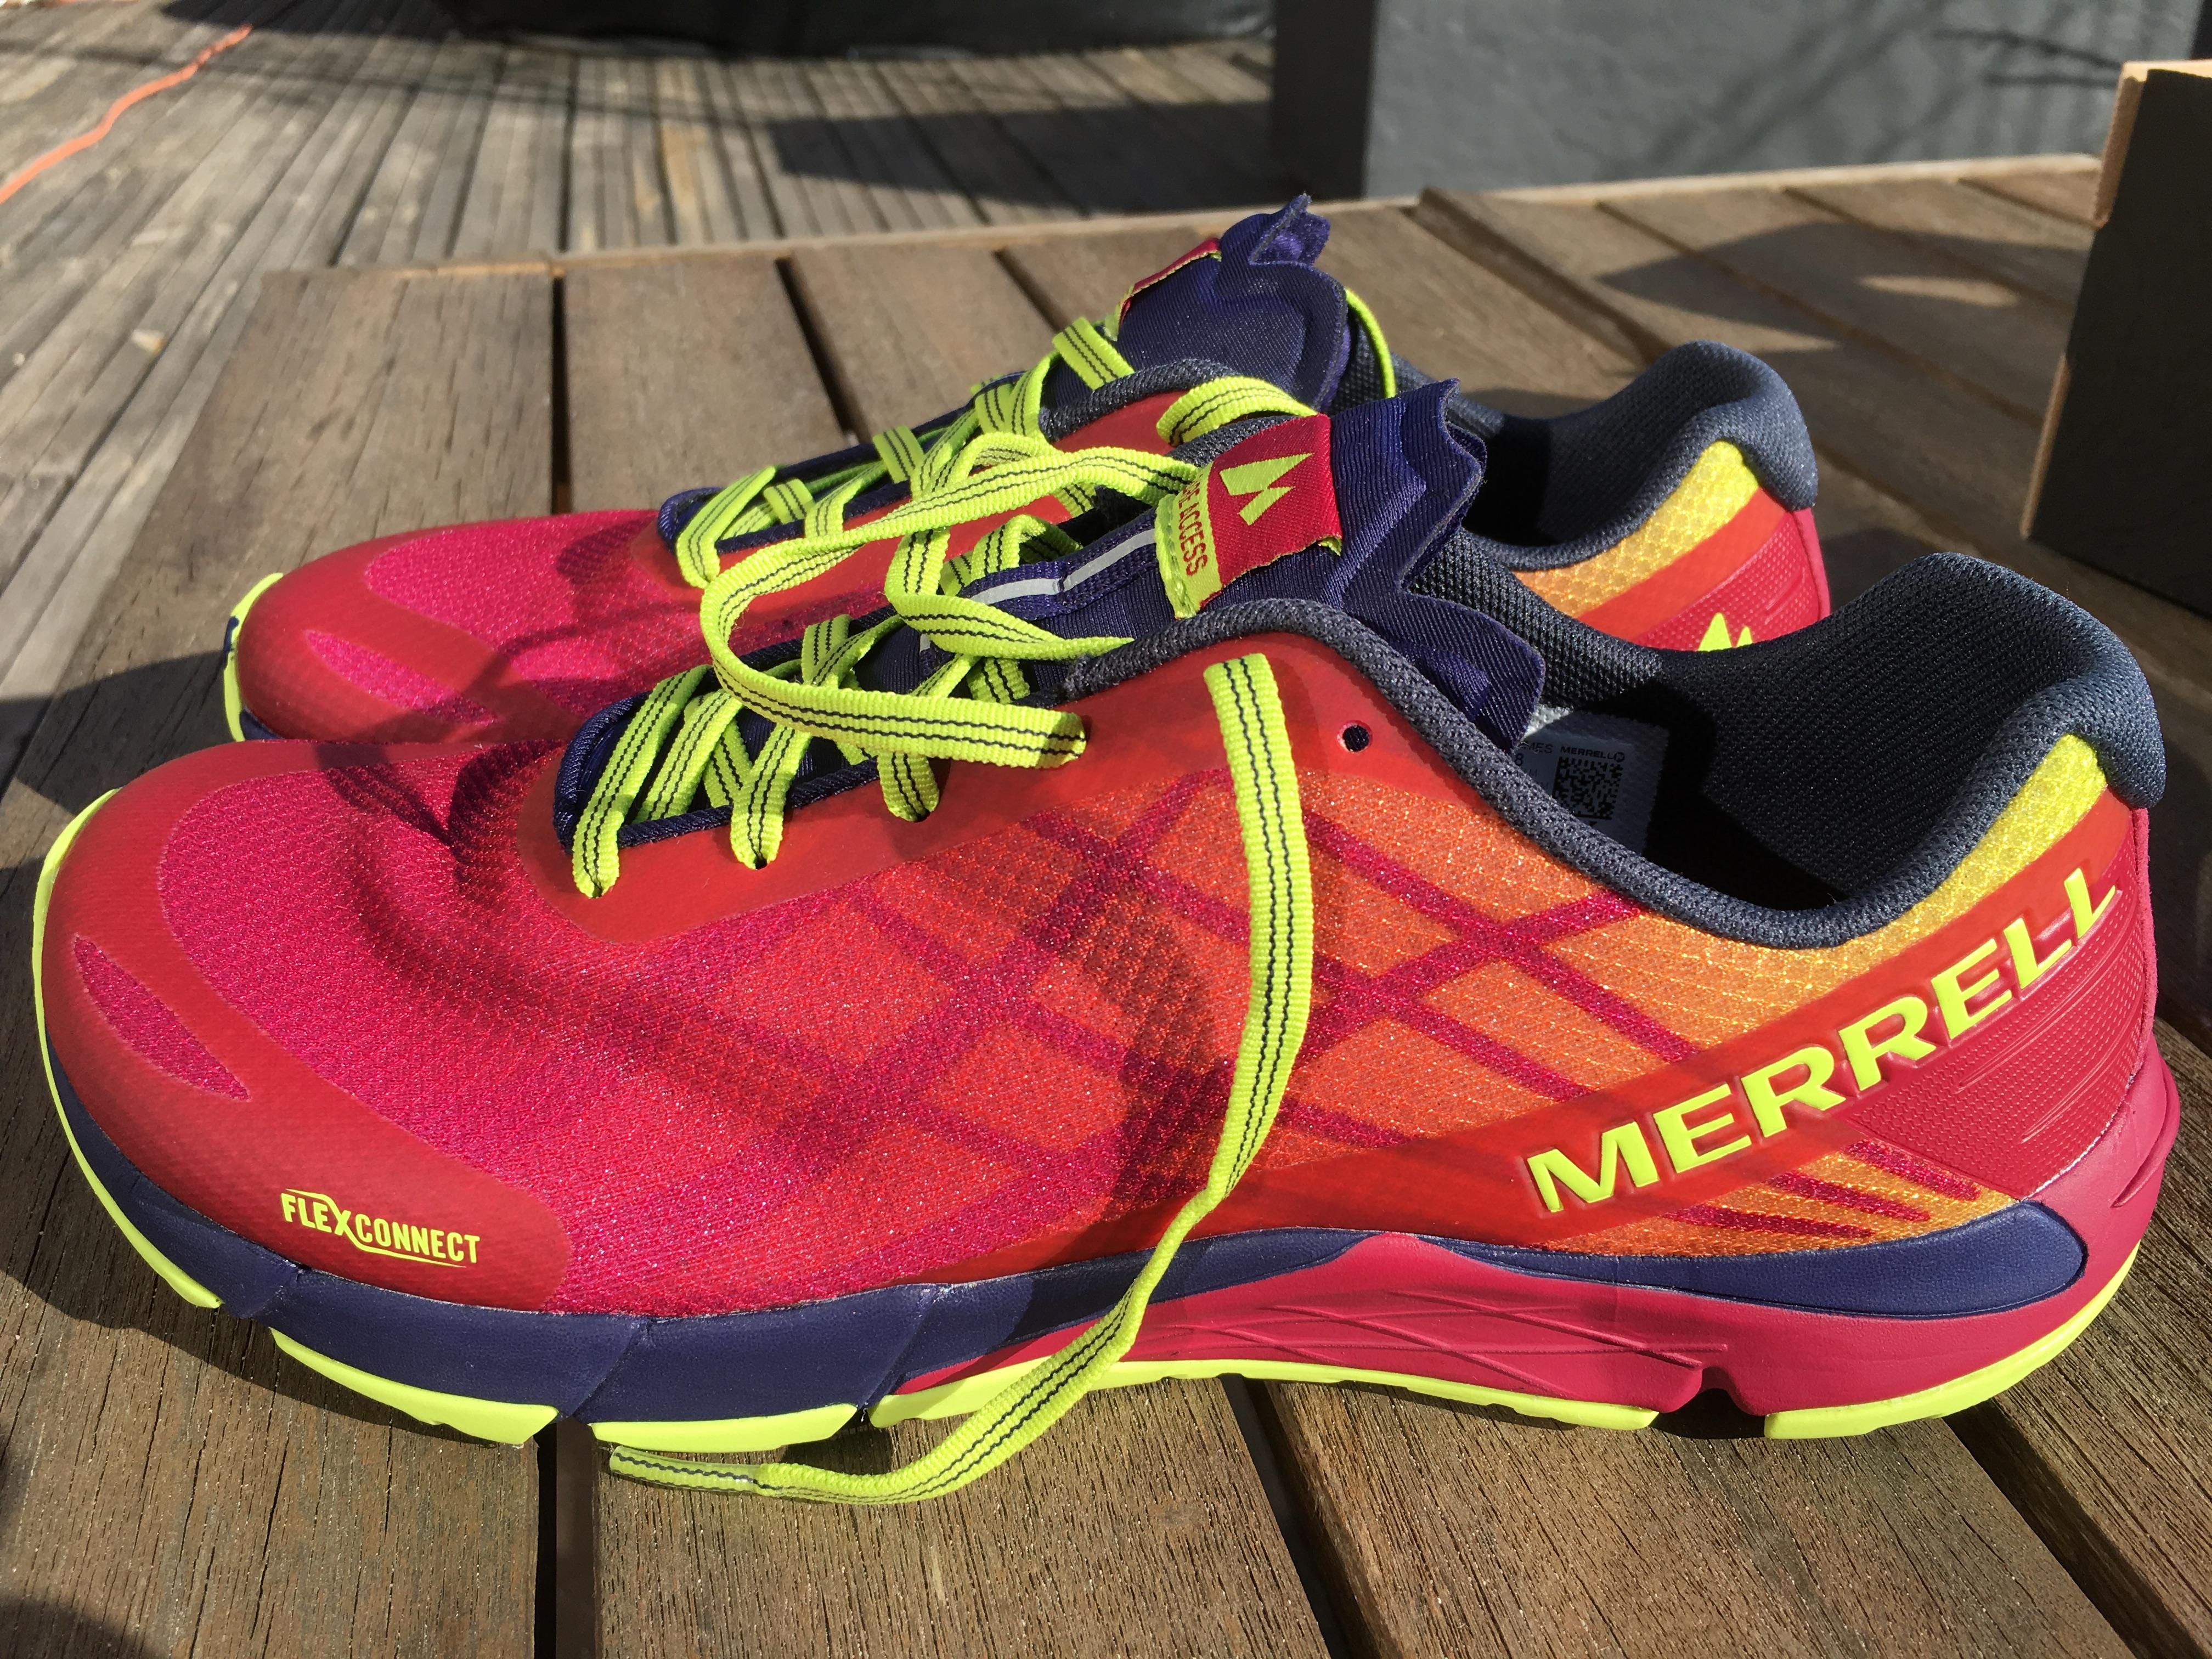 37212523a10ce6 Leader mondial de la chaussure de randonnée, Merrell propose des  collections Outdoor toujours plus innovantes et performantes.